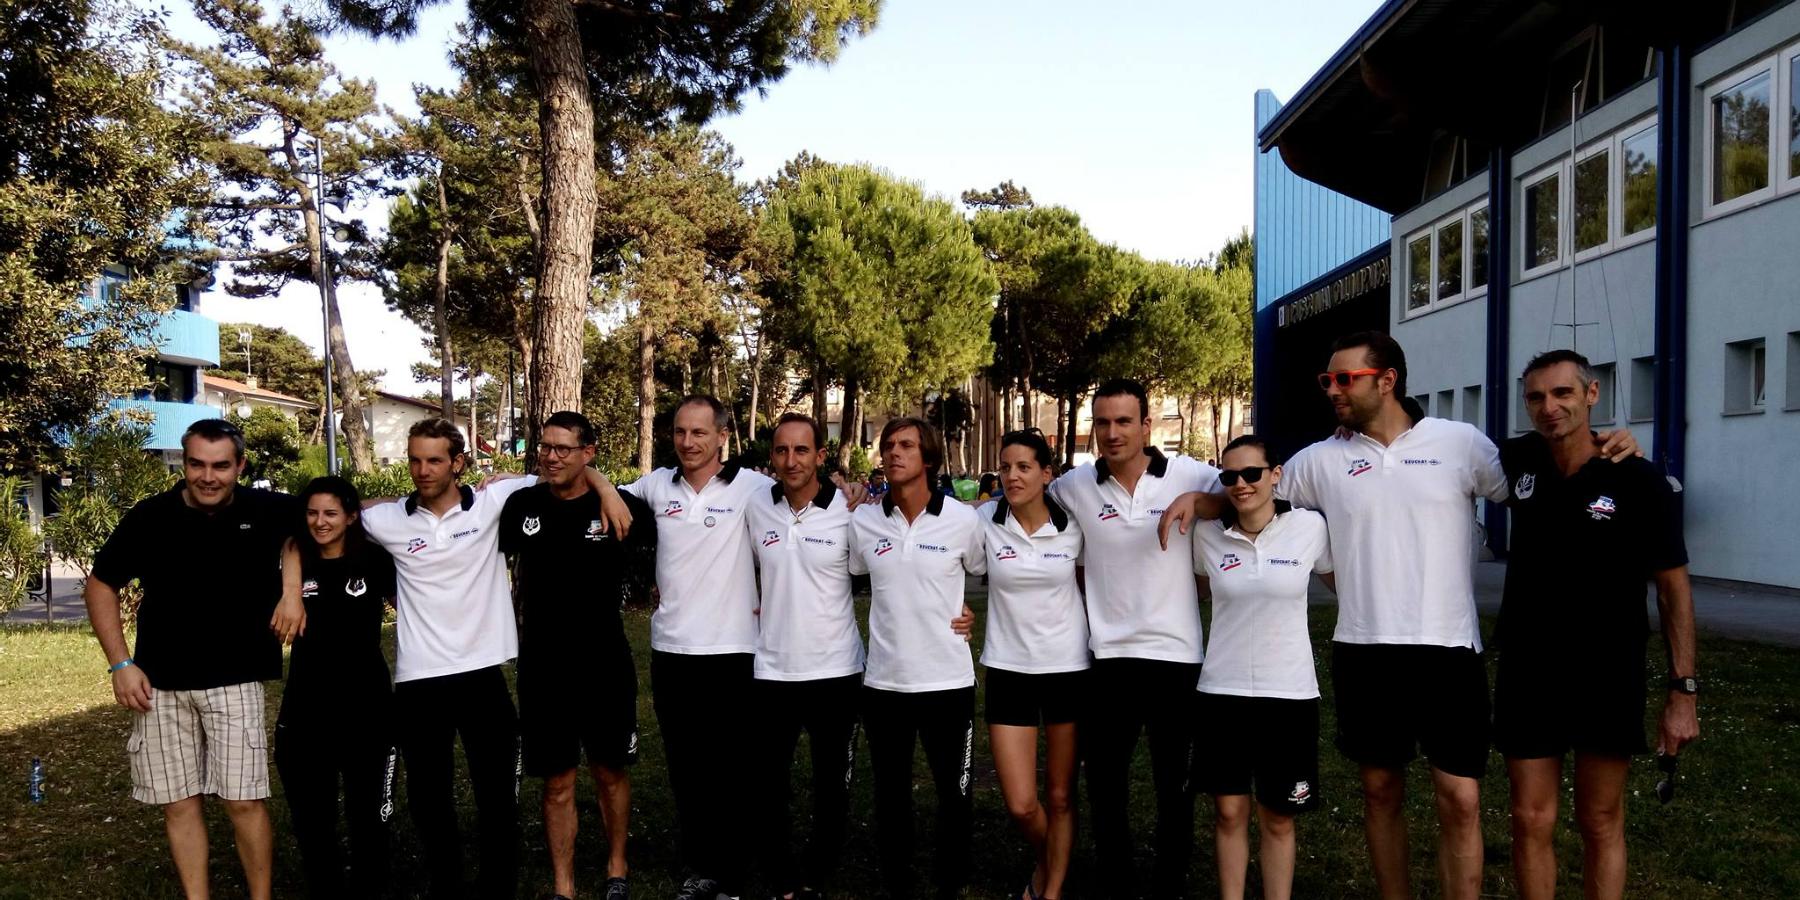 equipe - Championnats du monde d'apnée CMAS : retour triomphant des Français